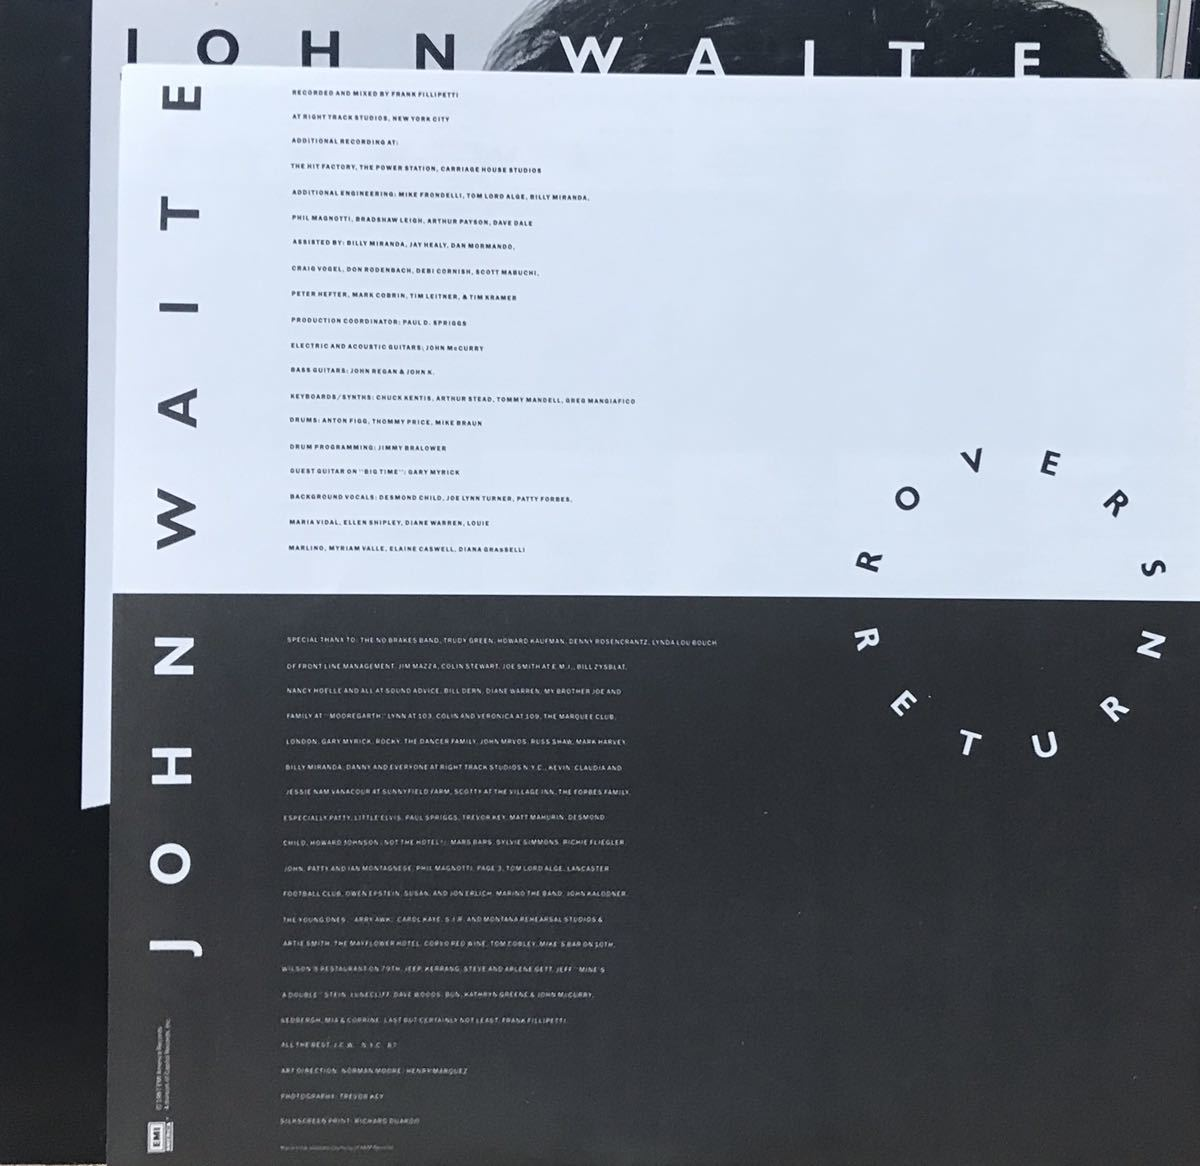 見本盤 JOHN WAITE / ROVER'S RETURN アルバム 12inchサイズのレコード その他にもプロモーション盤 レア盤 人気レコード 多数出品中_画像5